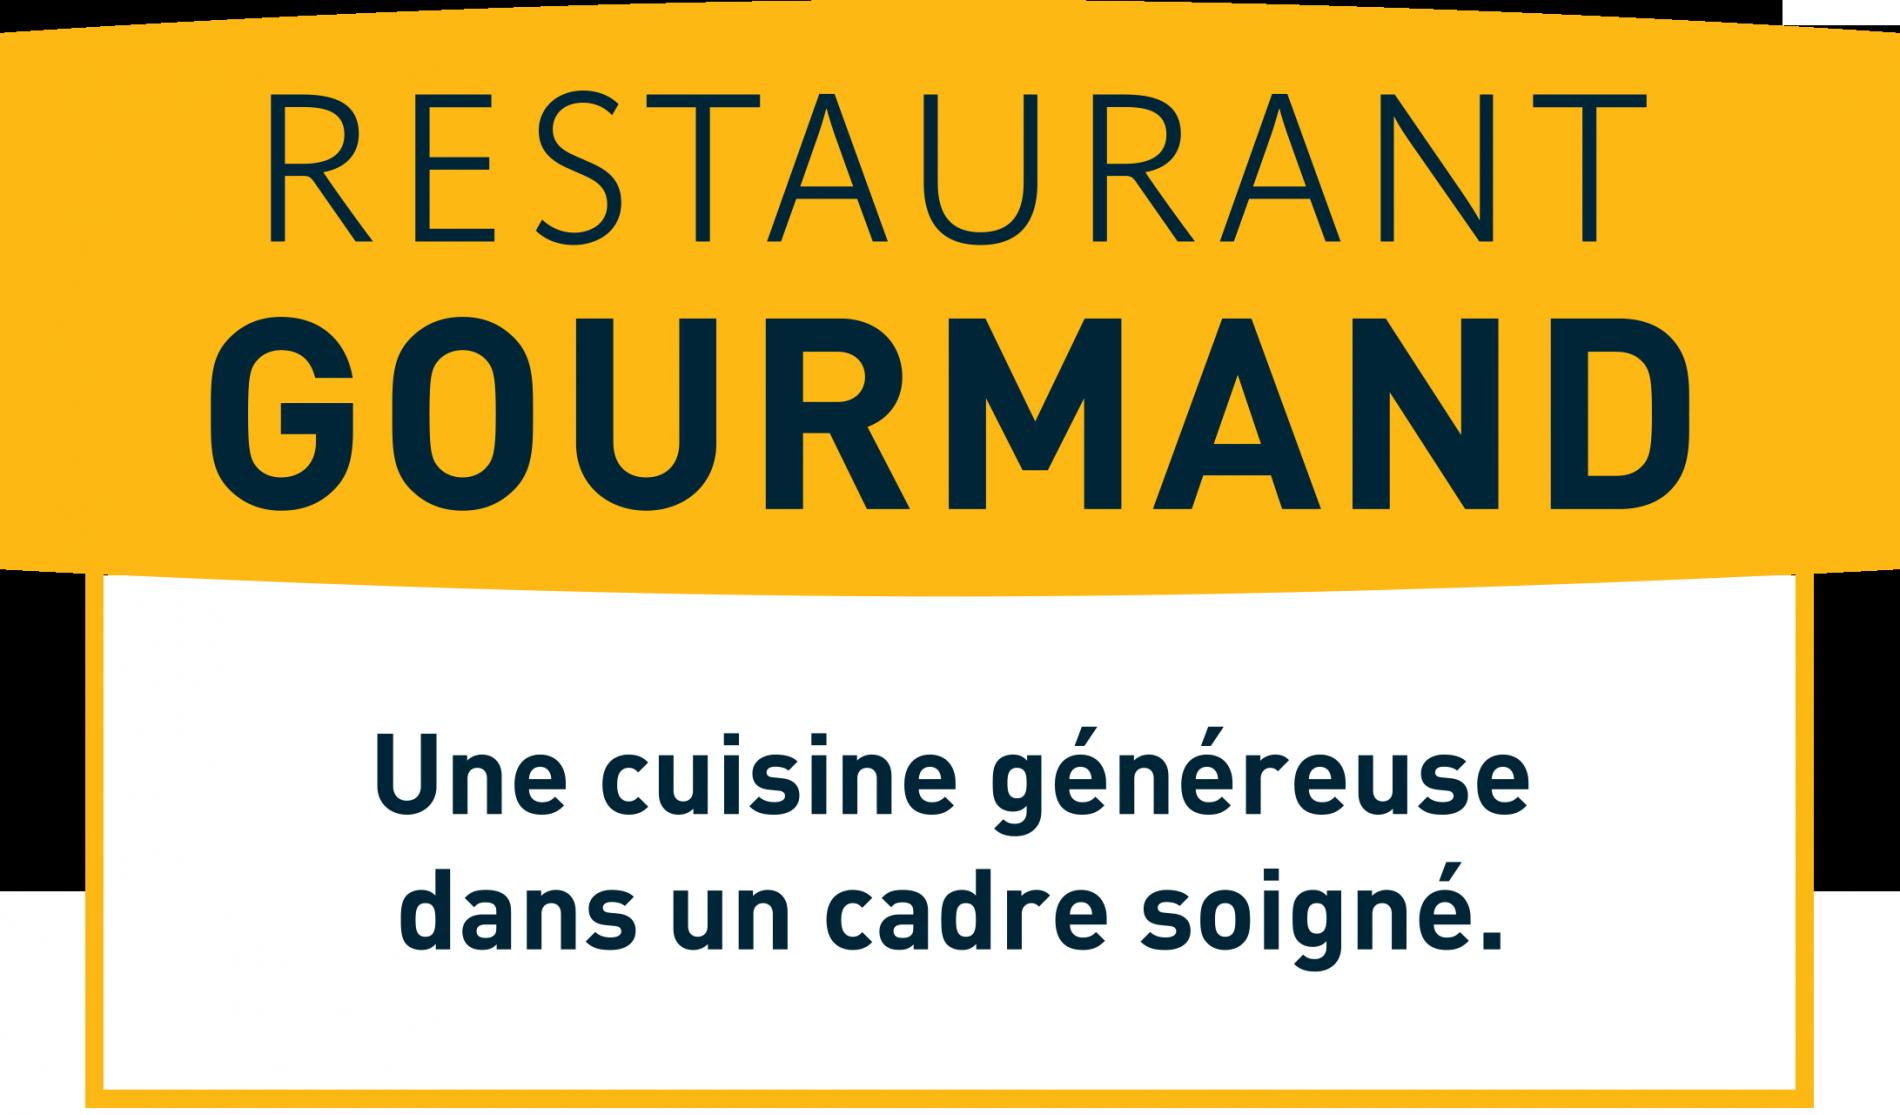 Logis Hôtel Auberge de la Treille SAINT MARTIN LE BEAU - Logo Restaurant Gourmand